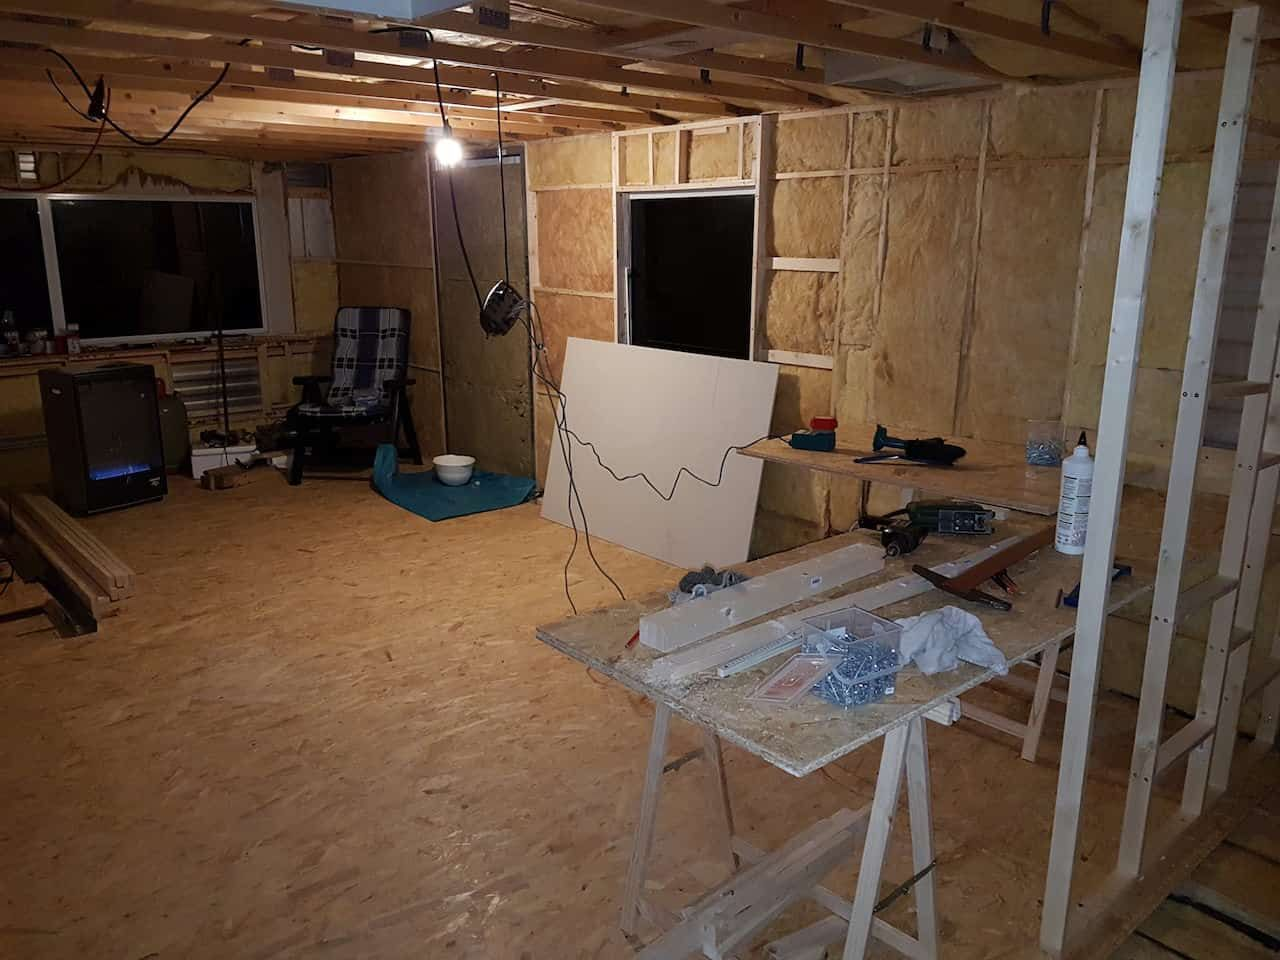 Großartig Mobilheim (Tiny House) Renovierung | Pinterest | Mobilheim Und  Renovierung